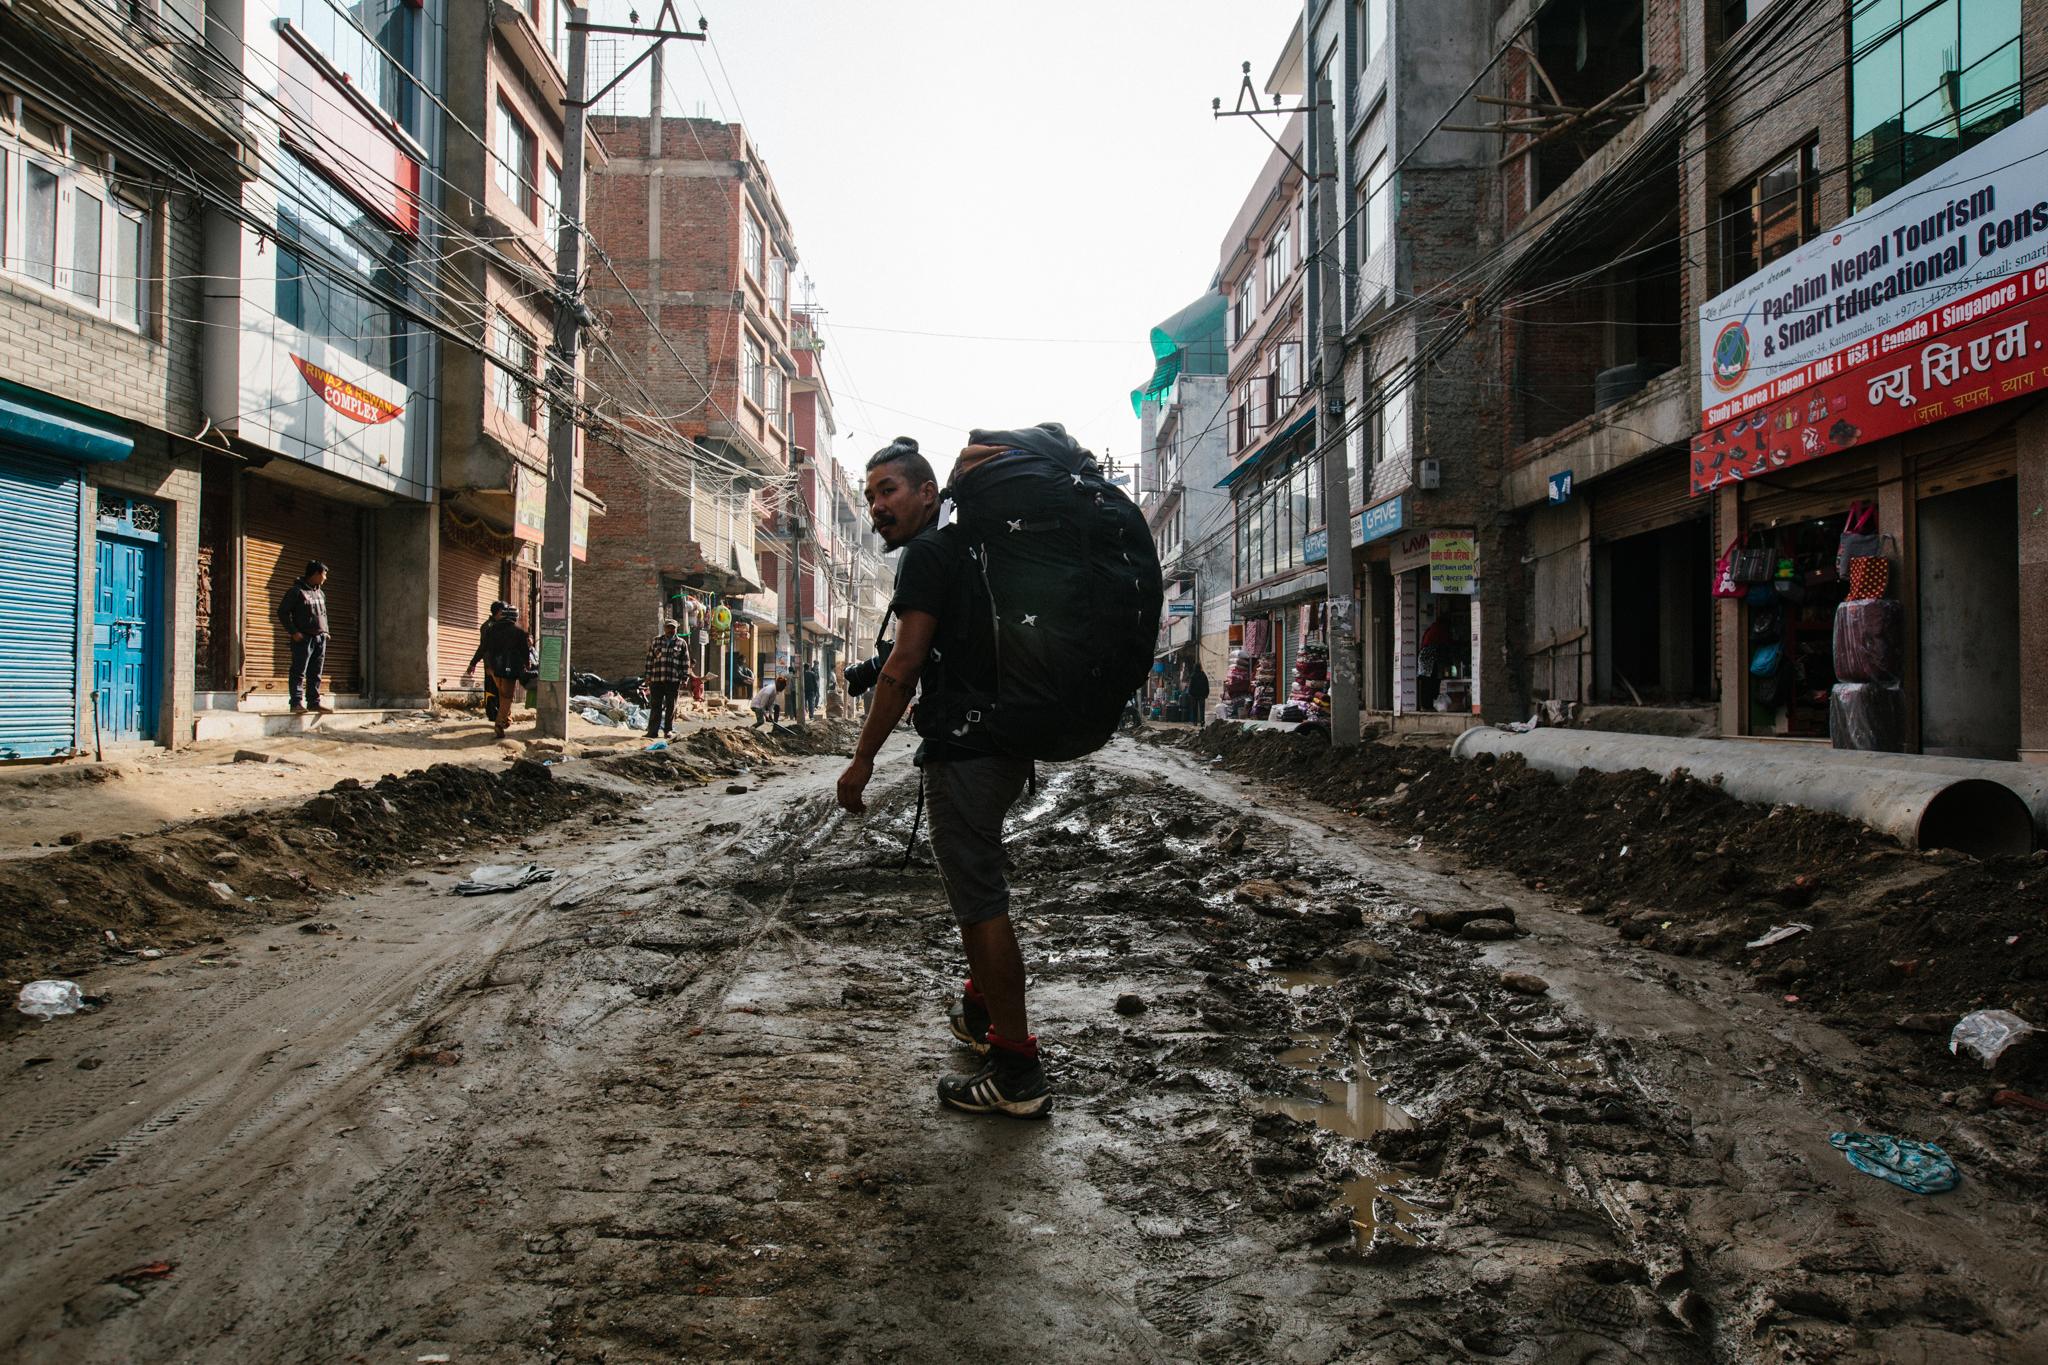 Nepal-Katmandu-5DMkII-30.jpg